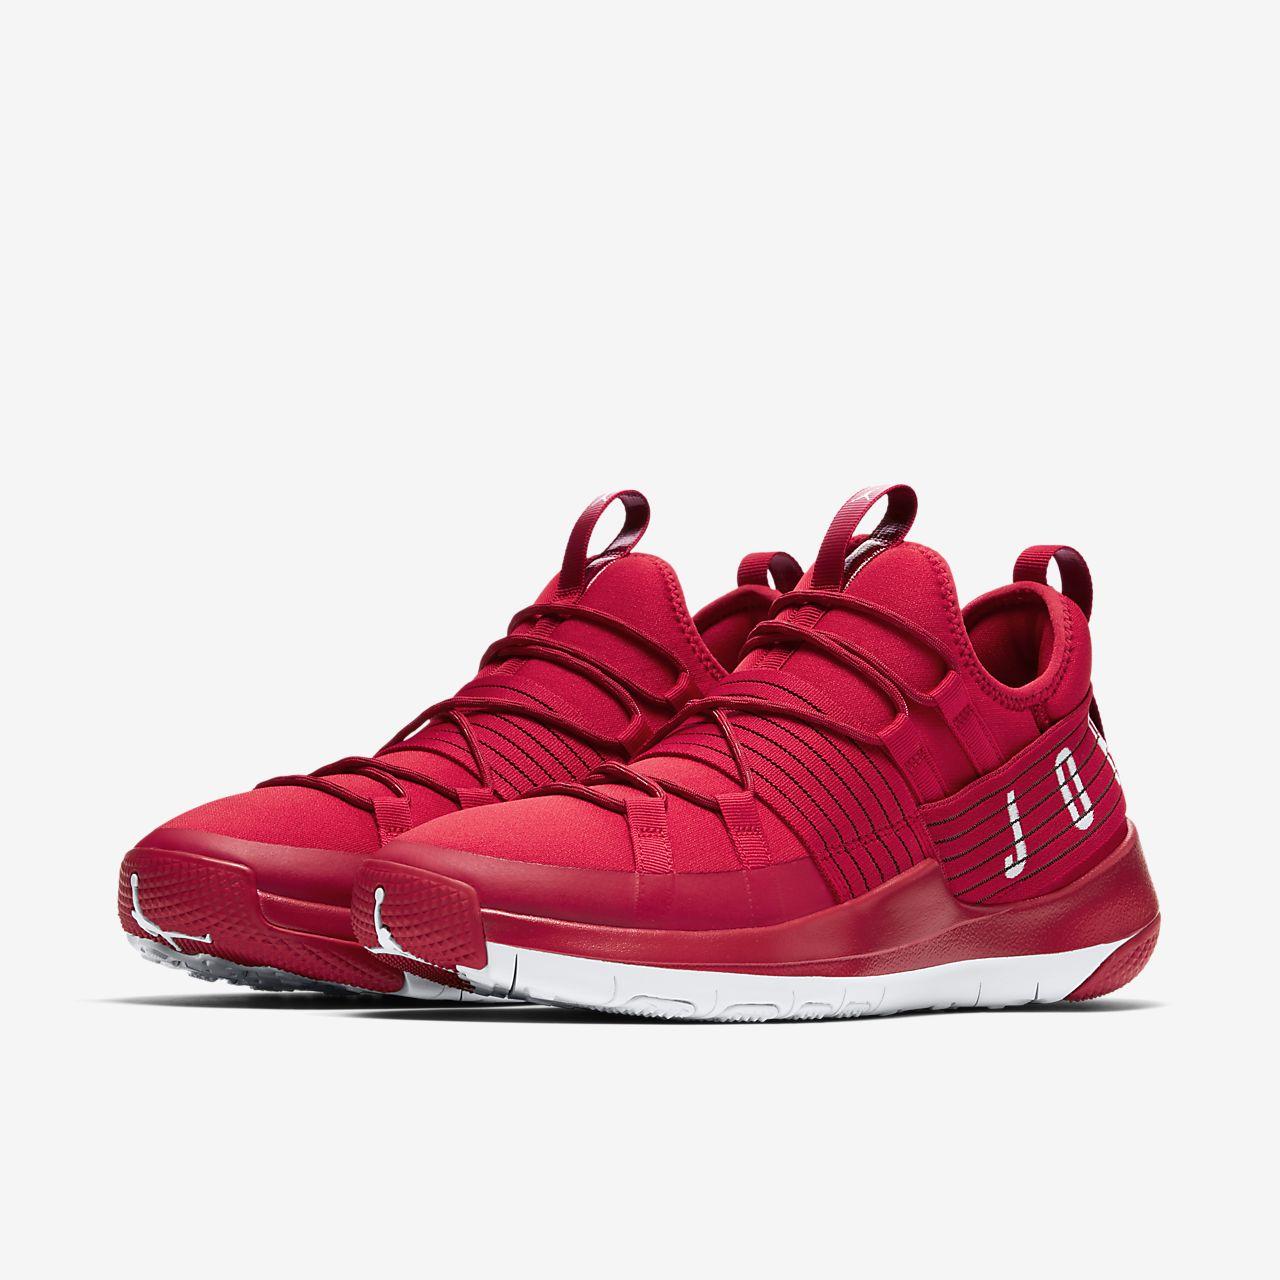 jordan trainer pro shoes